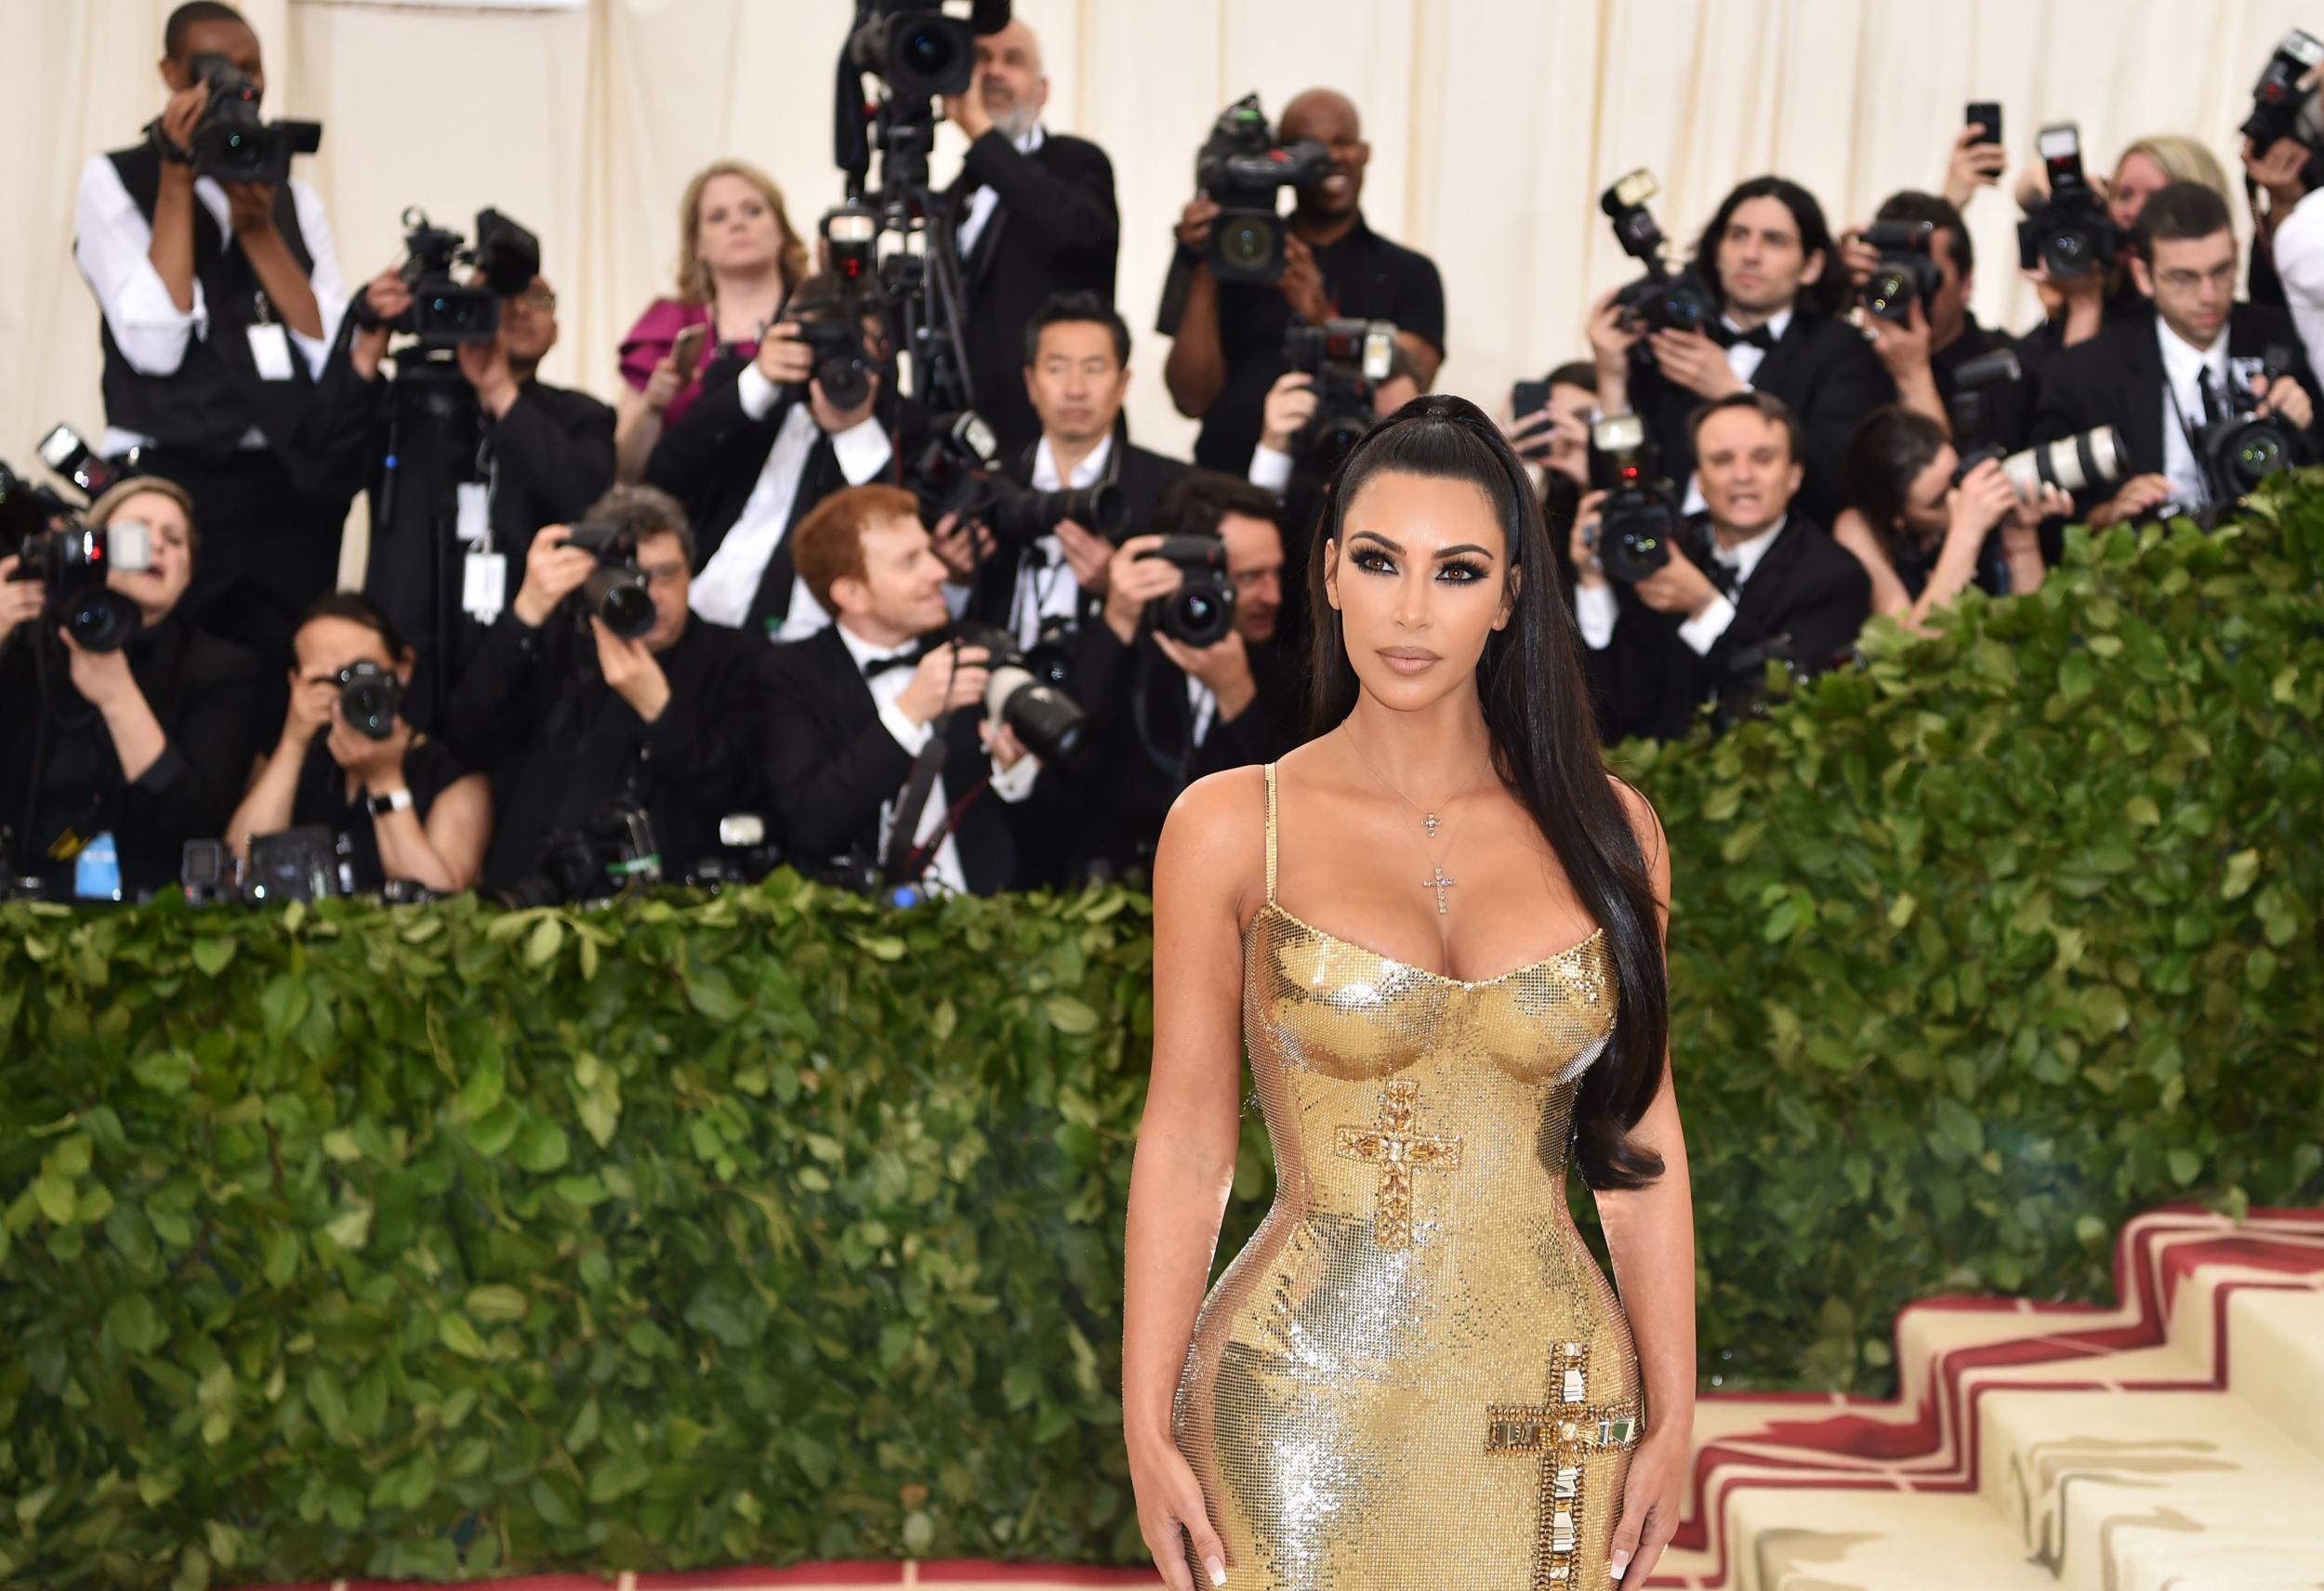 Kim Kardashian sparks outrage over 'appetite suppressant' lollipops